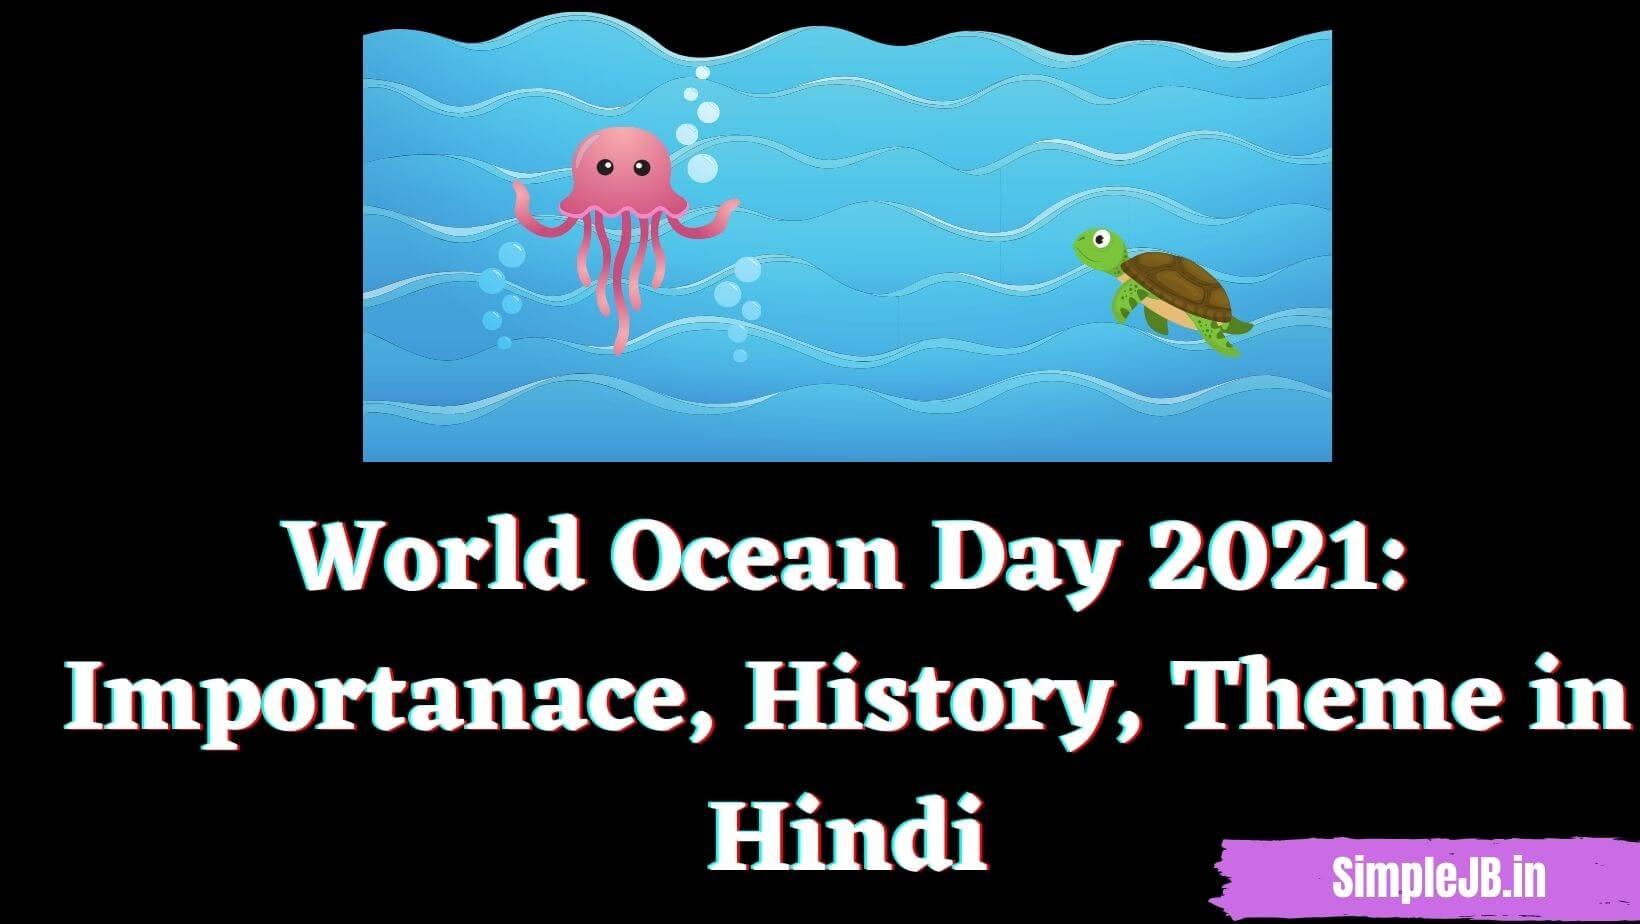 World Ocean Day 2021: Importanace, History, Theme in Hindi   विश्व महासागर दिवस 2021 का महत्त्व, थीम और इतिहास